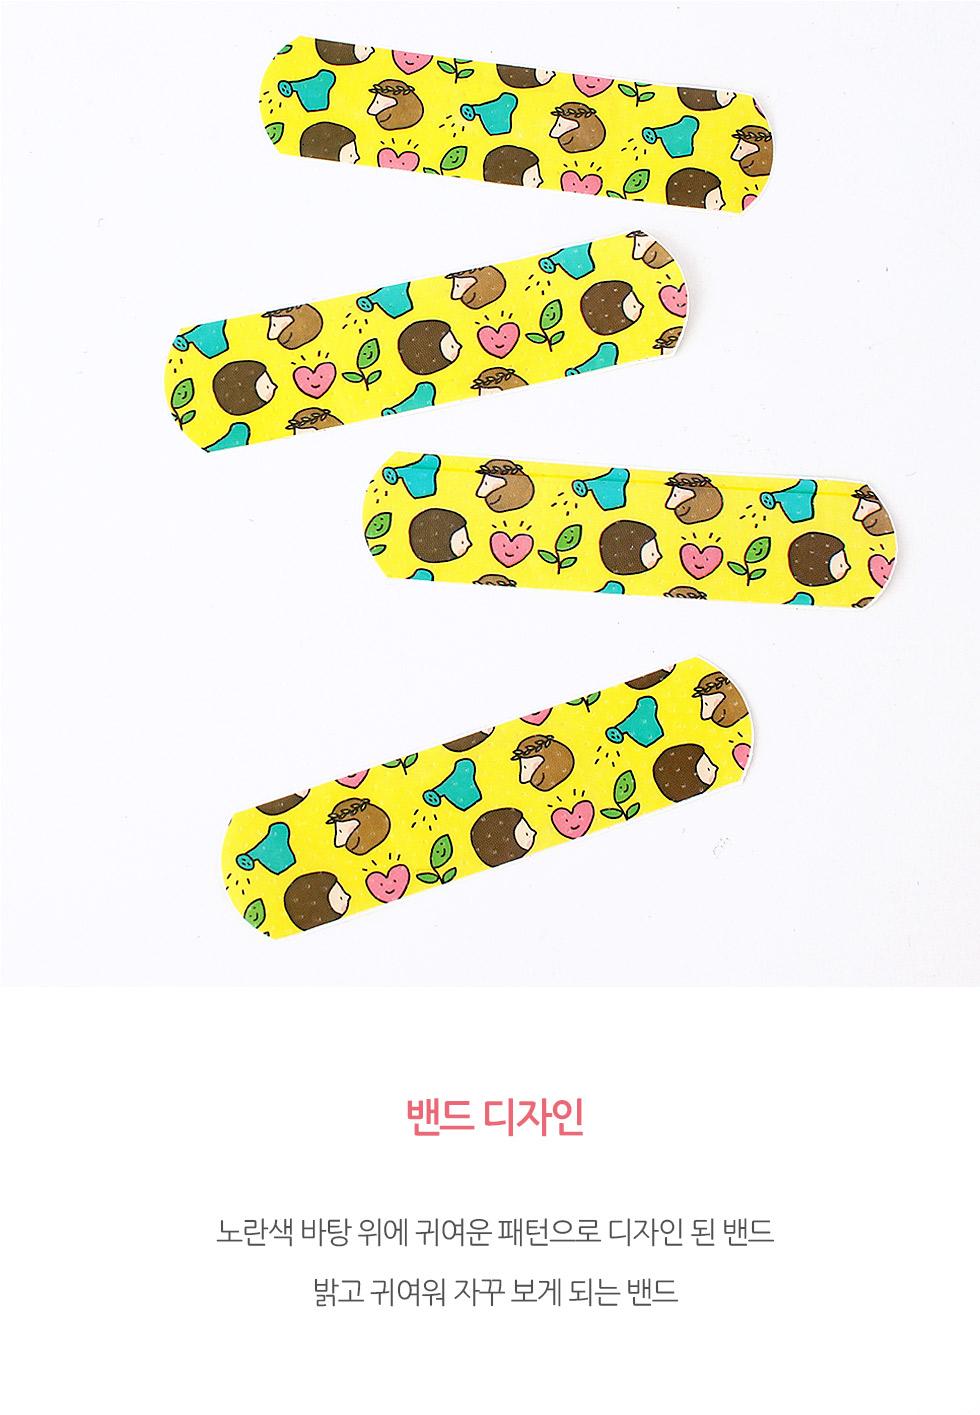 여호와라파밴드&빅토리밴드 (예쁜 그림과 힘이 되는 메시지가 담긴 일회용반창고) 밴드 디자인 - 노란 바탕 위에 귀여운 패턴으로 디자인된 밴드, 밝고 귀여워 볼 수록 웃음이 나요